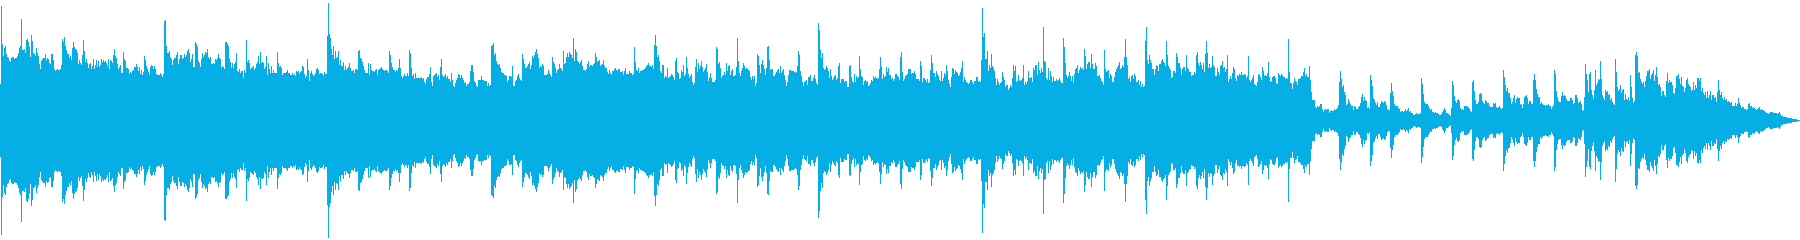 悲しく寂しい雰囲気の電子音楽の再生済みの波形